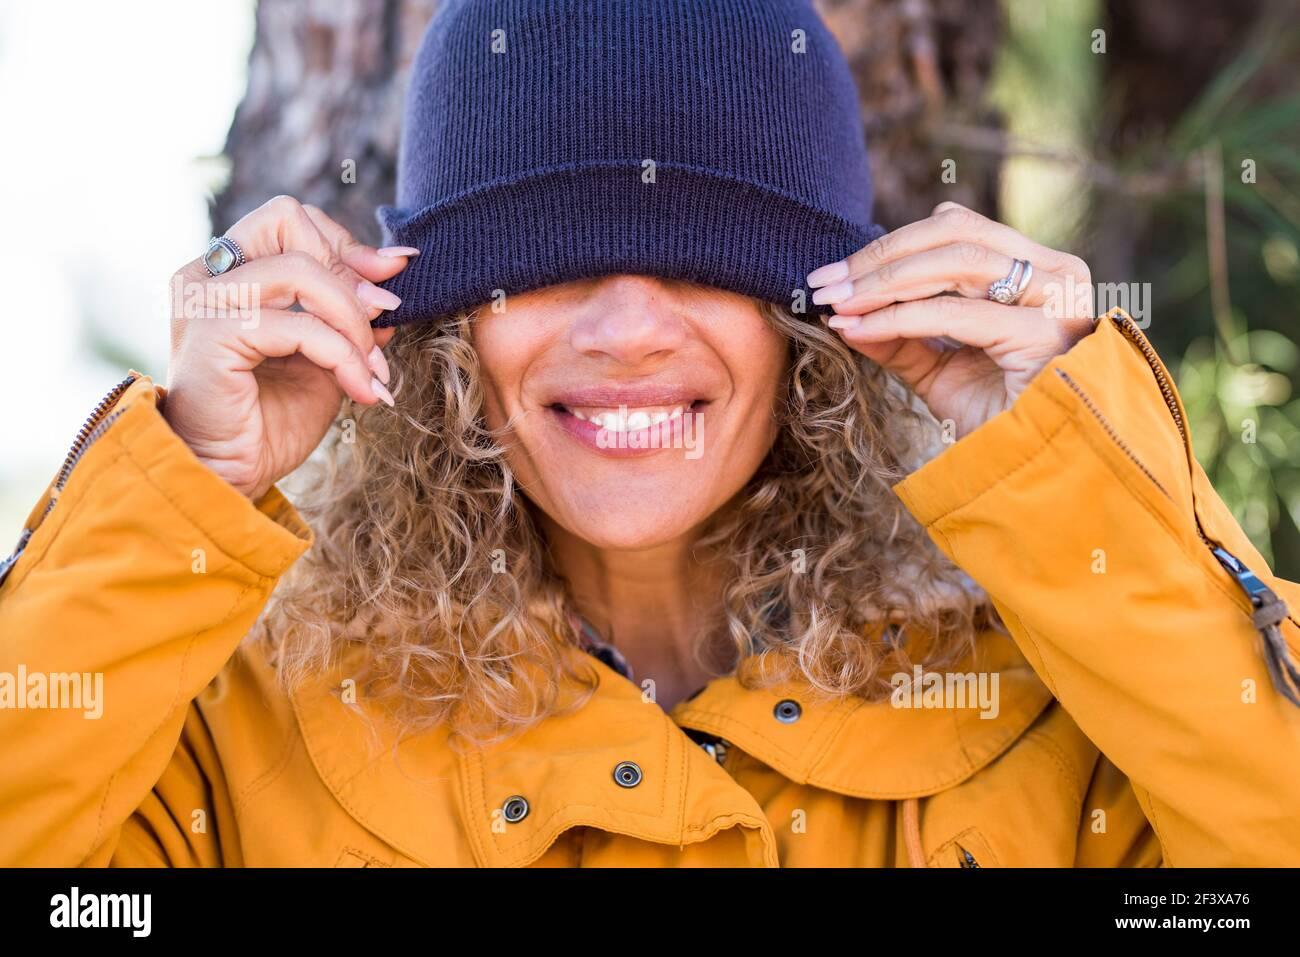 Joyeux adulte beau portrait de femme couvrant ses yeux avec l'hiver tasse - les gens heureux profiter des activités de loisirs en plein air - joli sourire et dents concrènent Banque D'Images